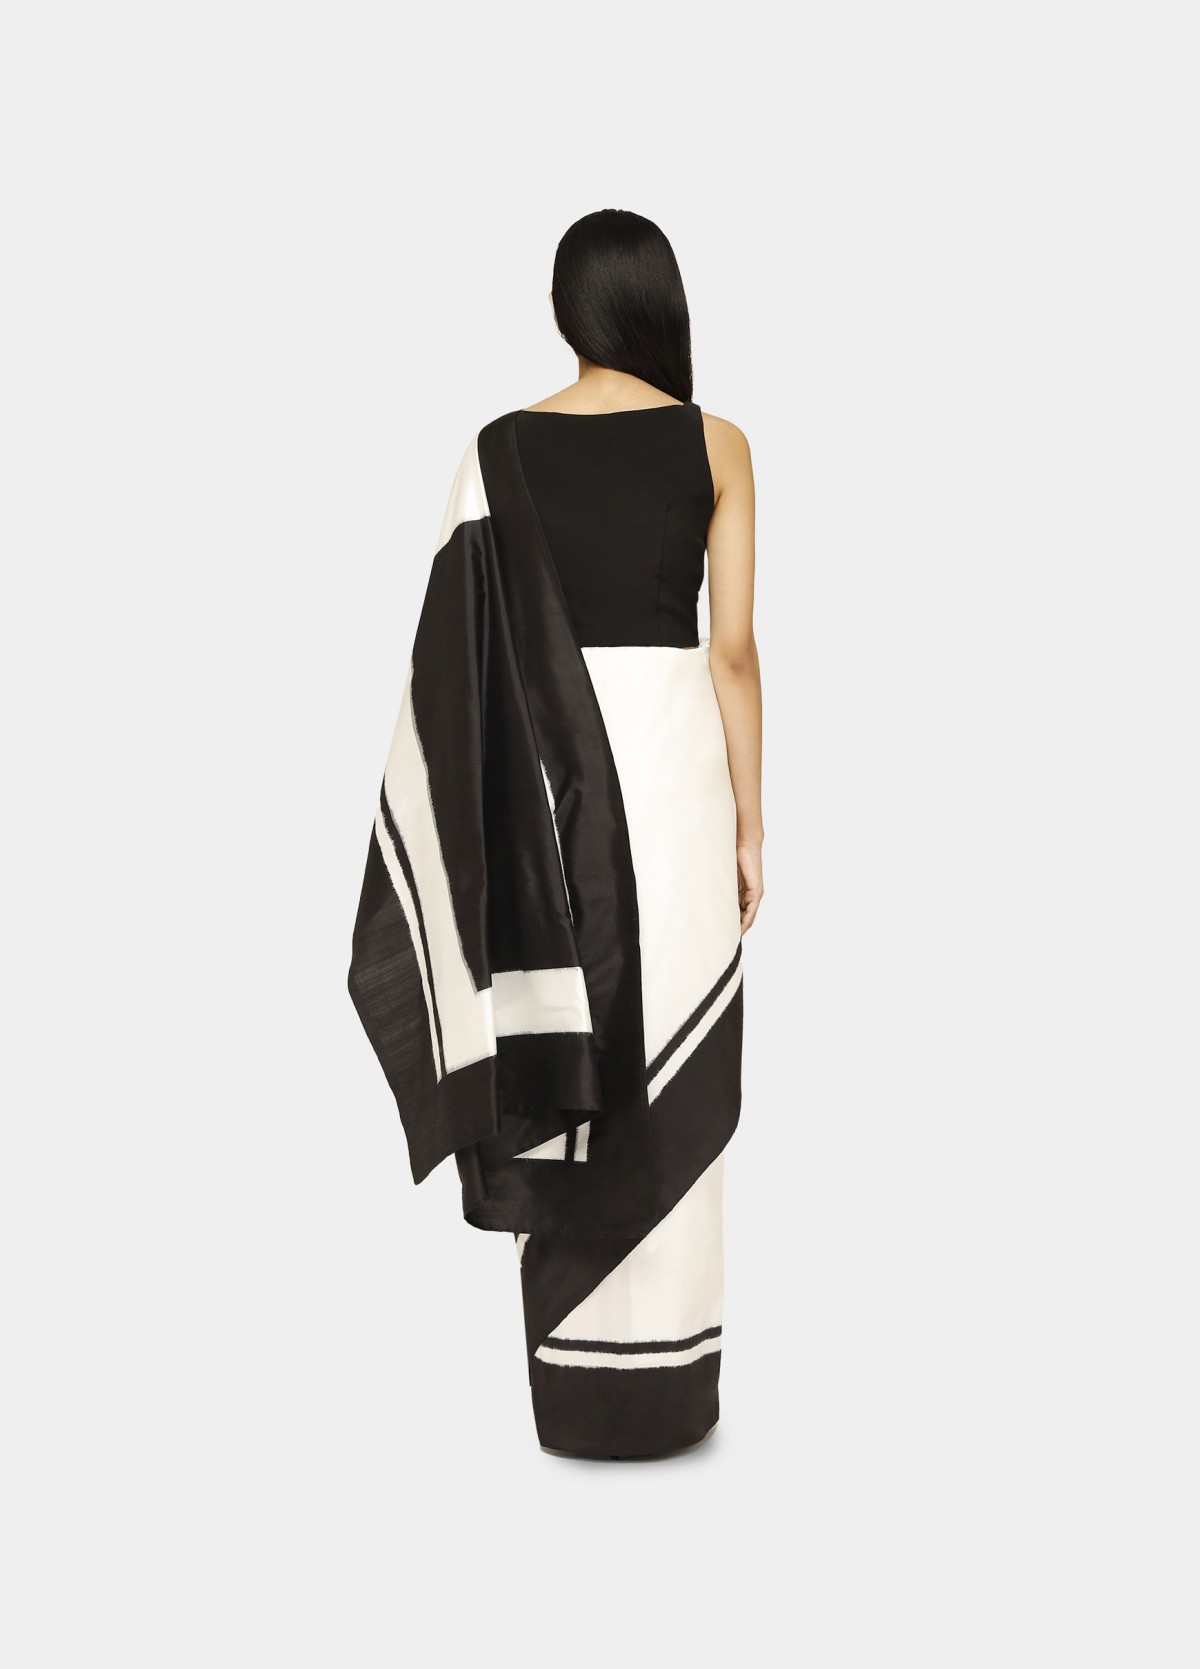 The Shwet Sari